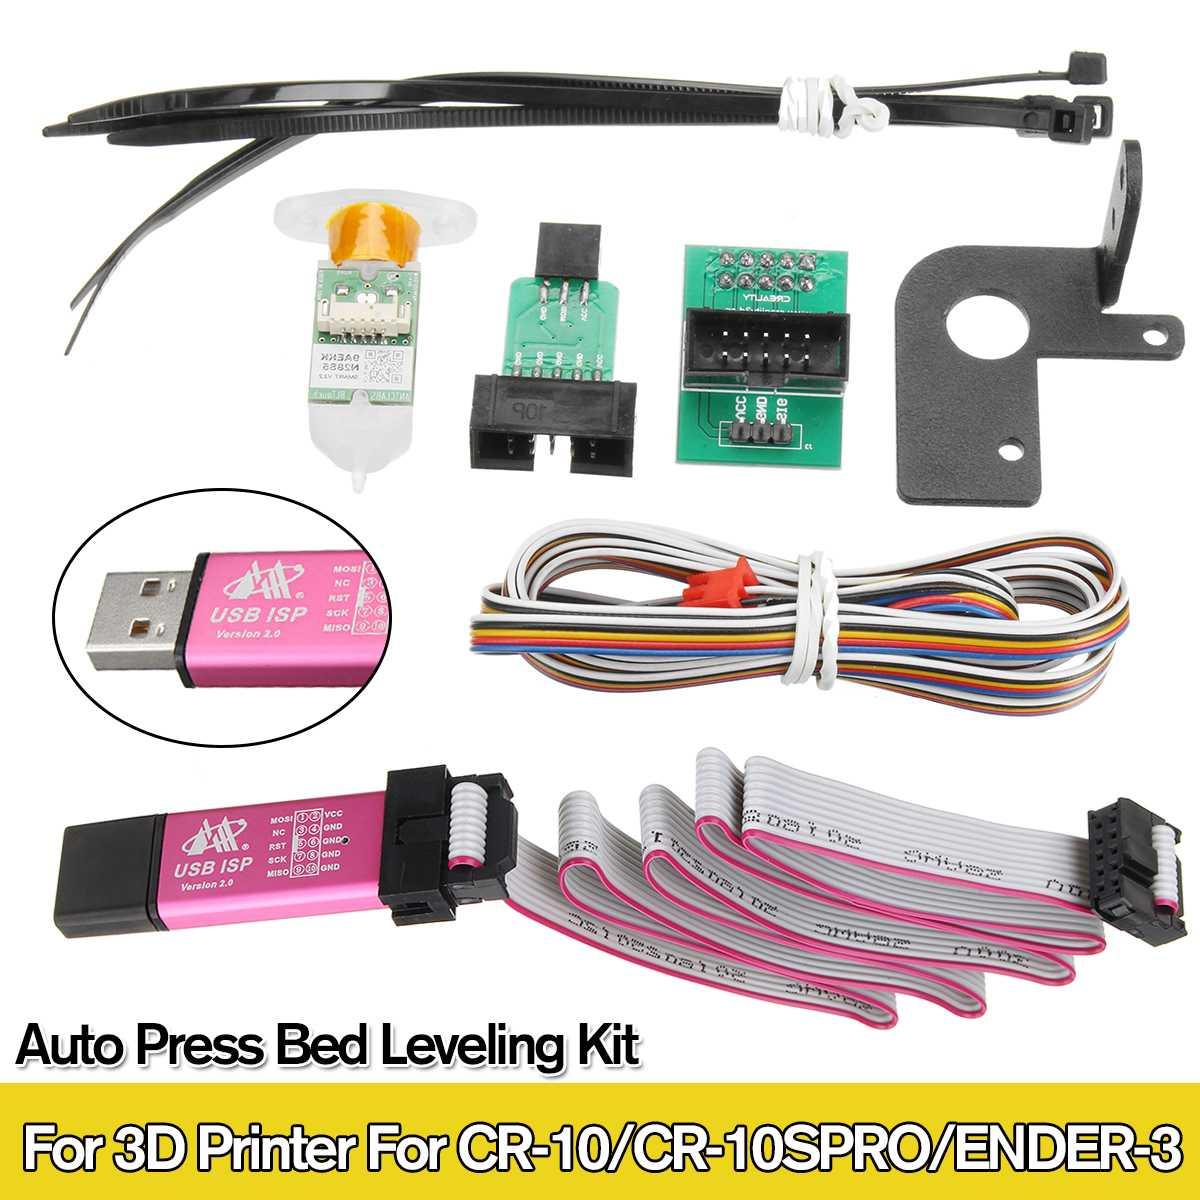 NOUVEAU 15 pièces 3D Partie Imprimante Automatique Auto-nivelant Capteur BL Toucher Lit Kit De Mise à niveau Pour 3D Imprimante Pour CR-10/CR-10SPRO/ENDER-3